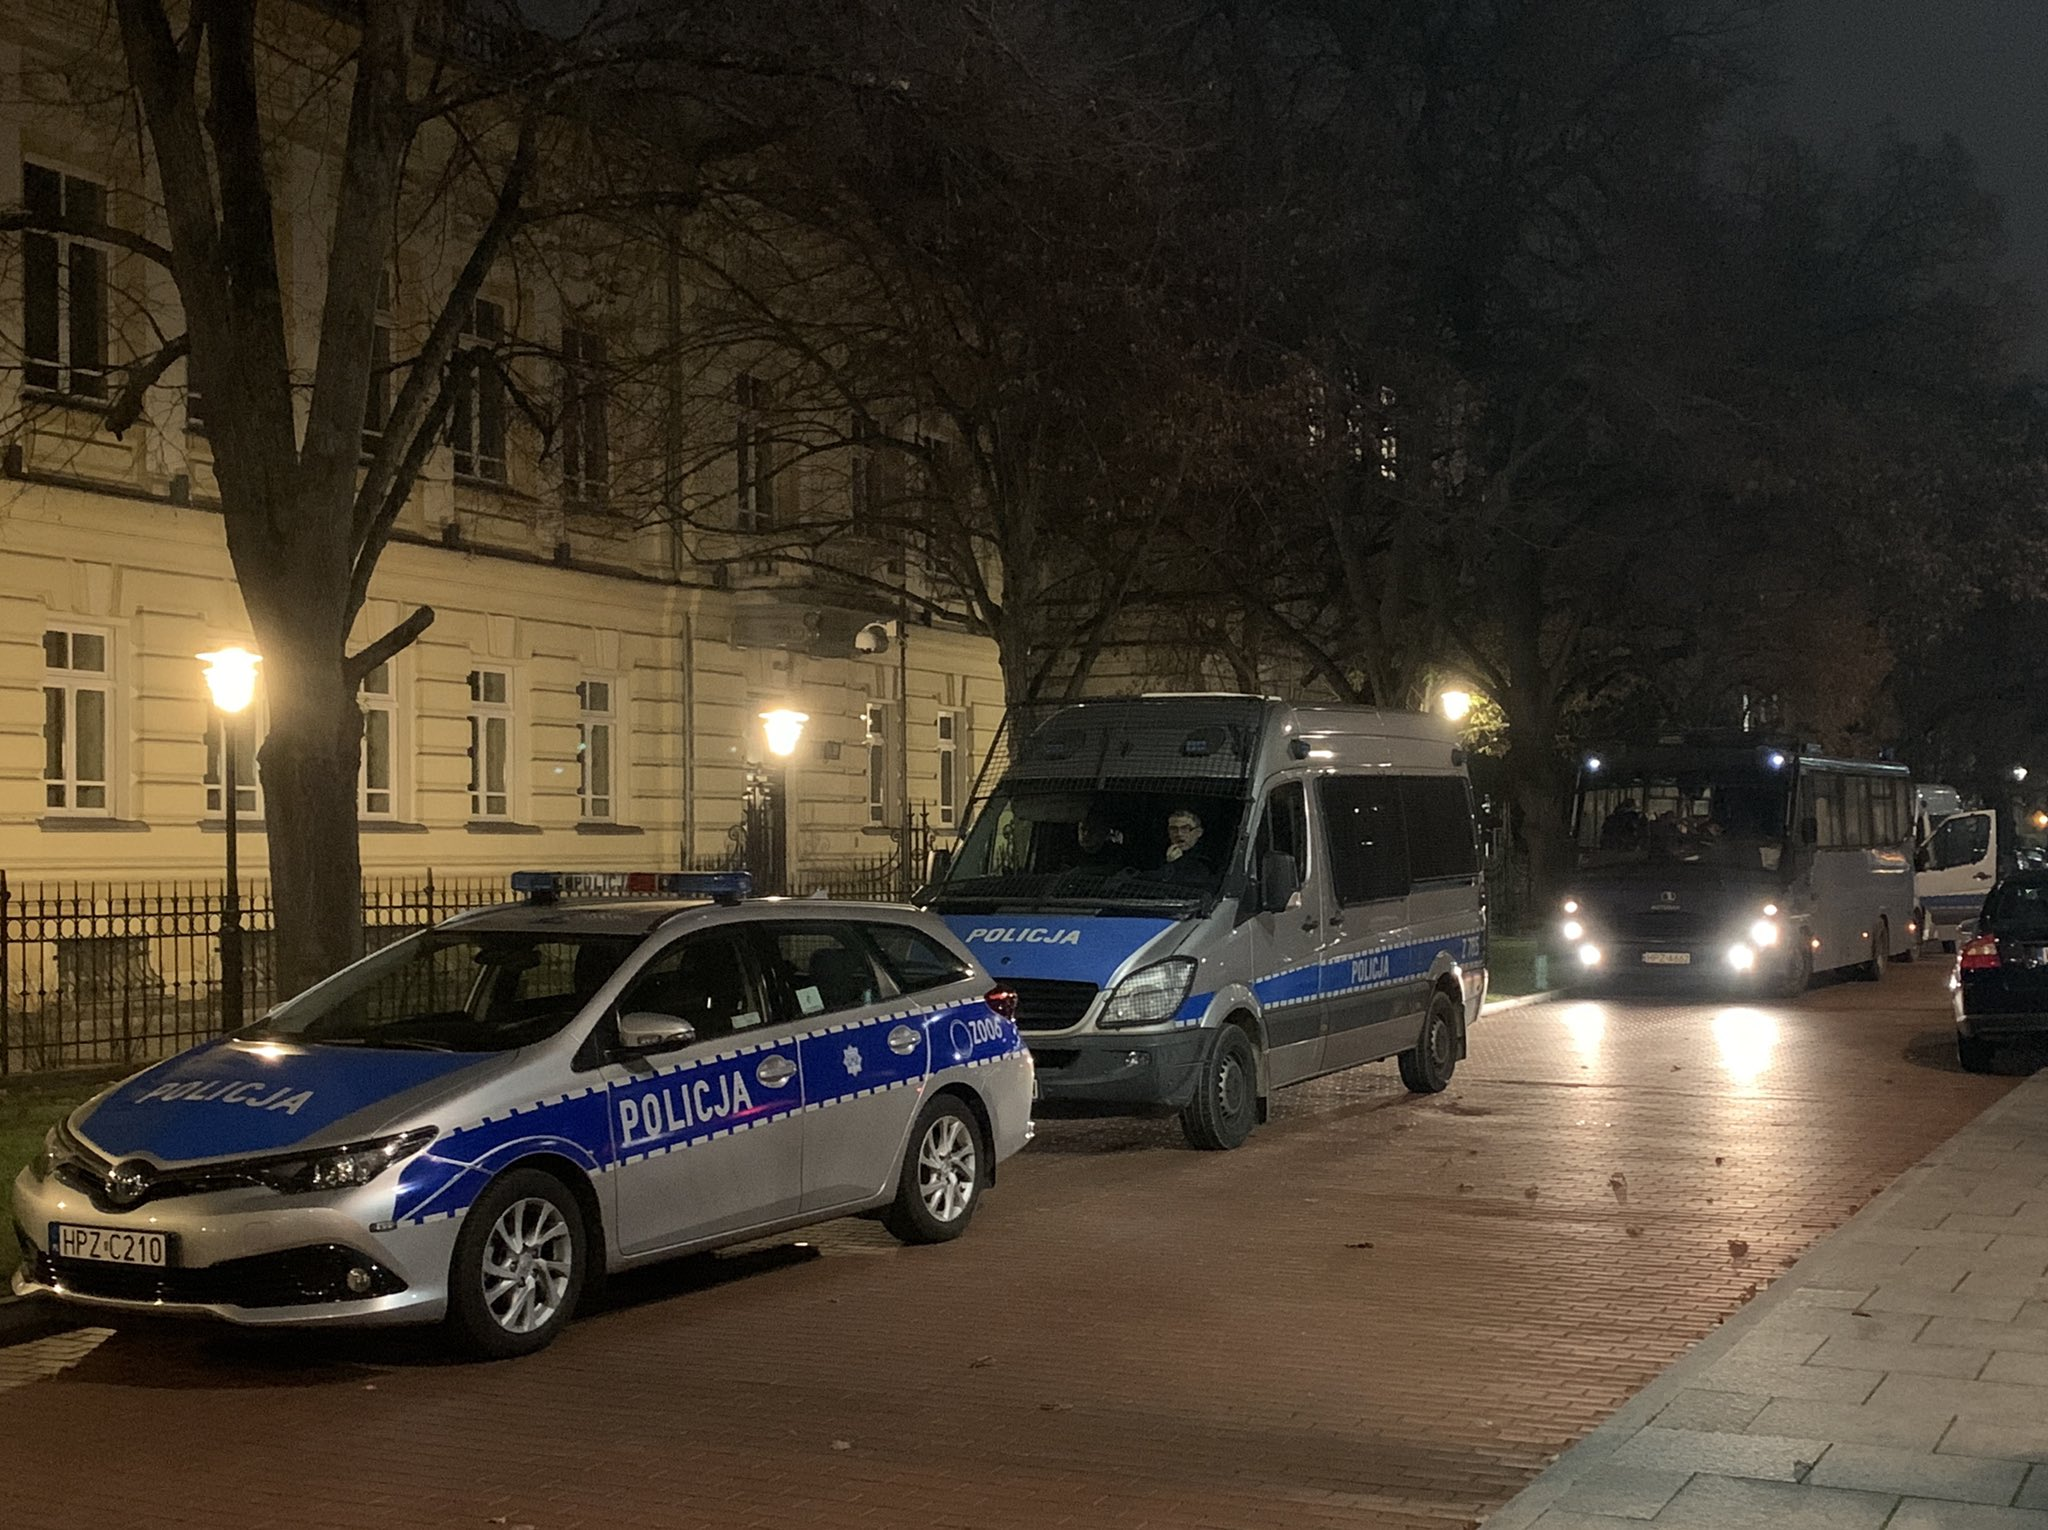 A lengyel-magyar miniszterelnöki találkozó idején rendkívüli biztonsági intézkedéseket vezettek be Varsóban 2020 november 30-án. Kép forrása: Oko.press, Twitter.